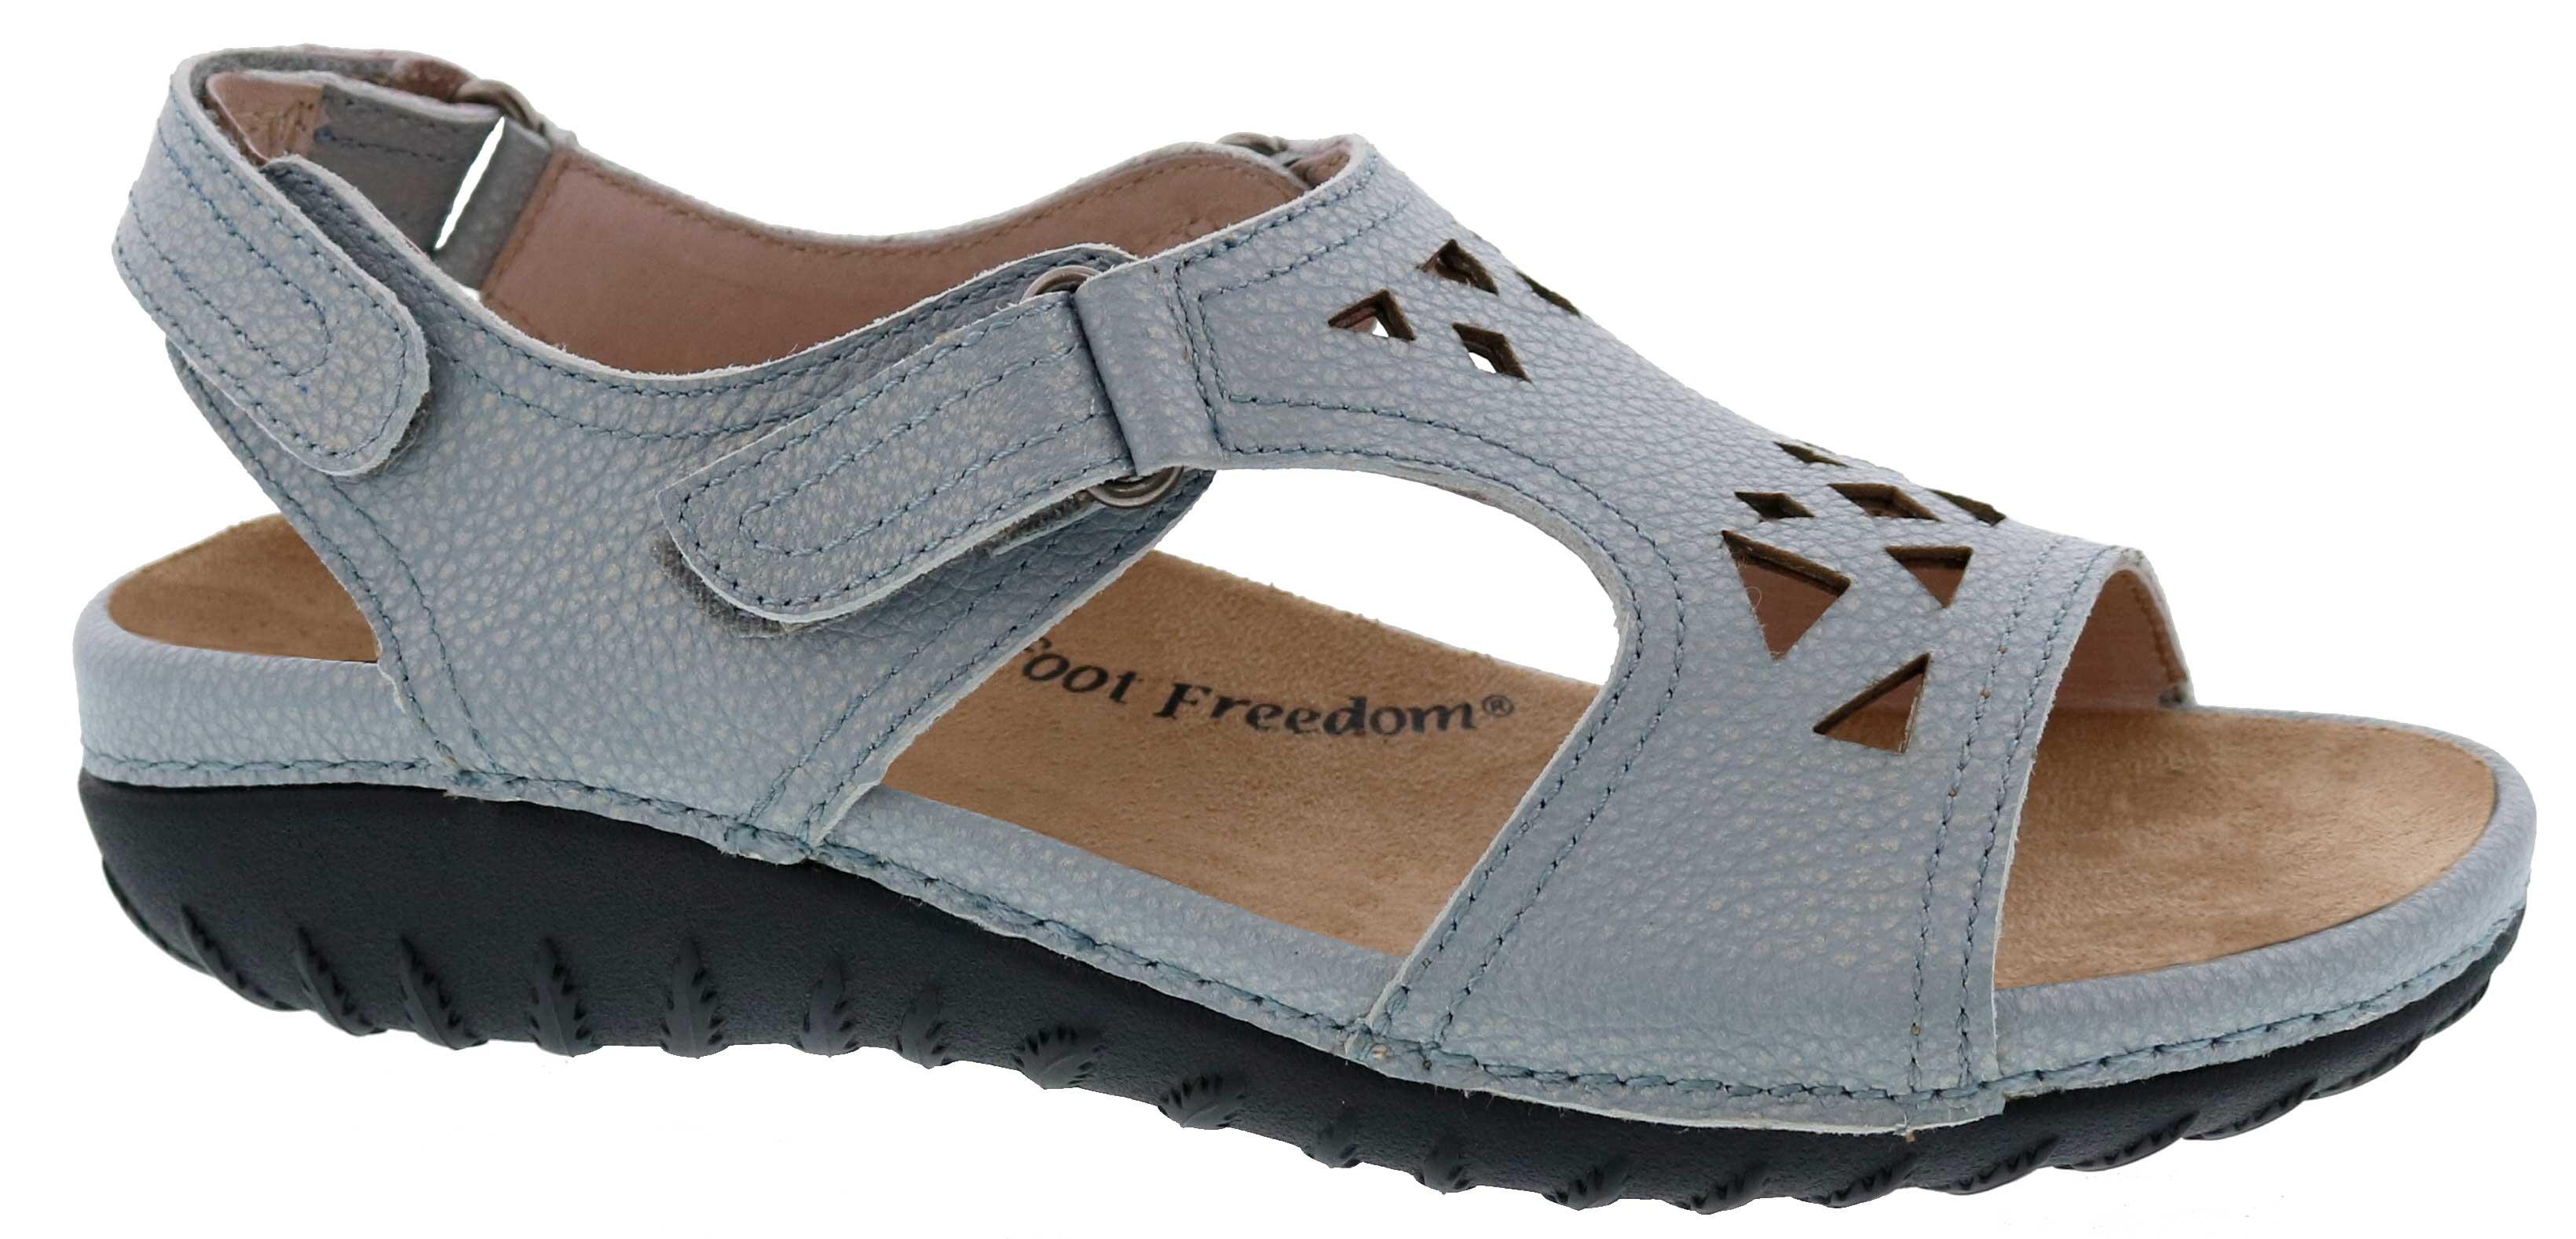 Drew Shoes - Embark 19176, Sandal